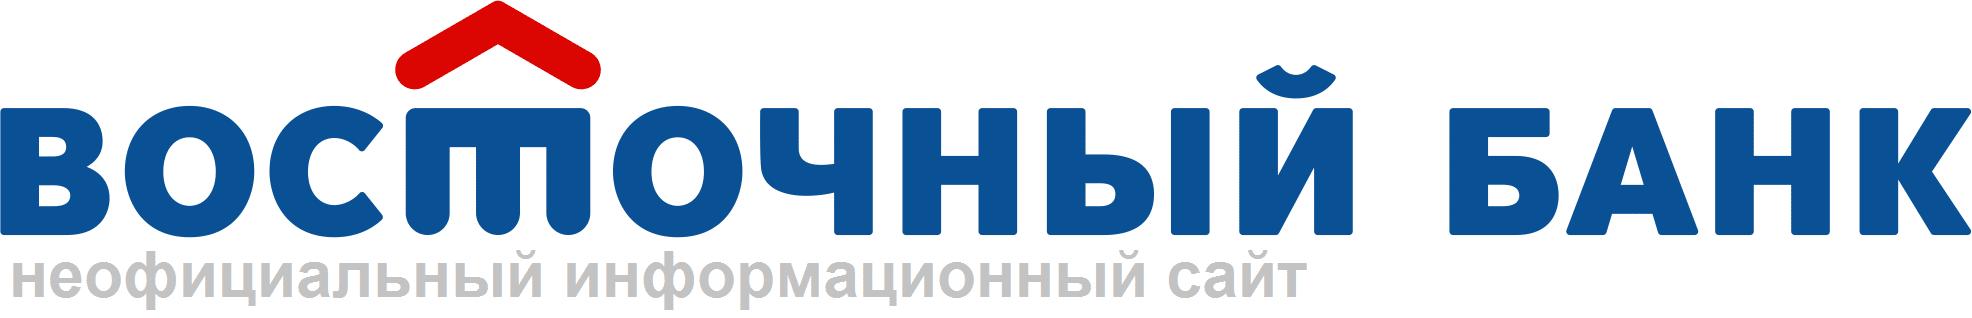 Личный кабинет онлайн-банка Восточный Экспресс